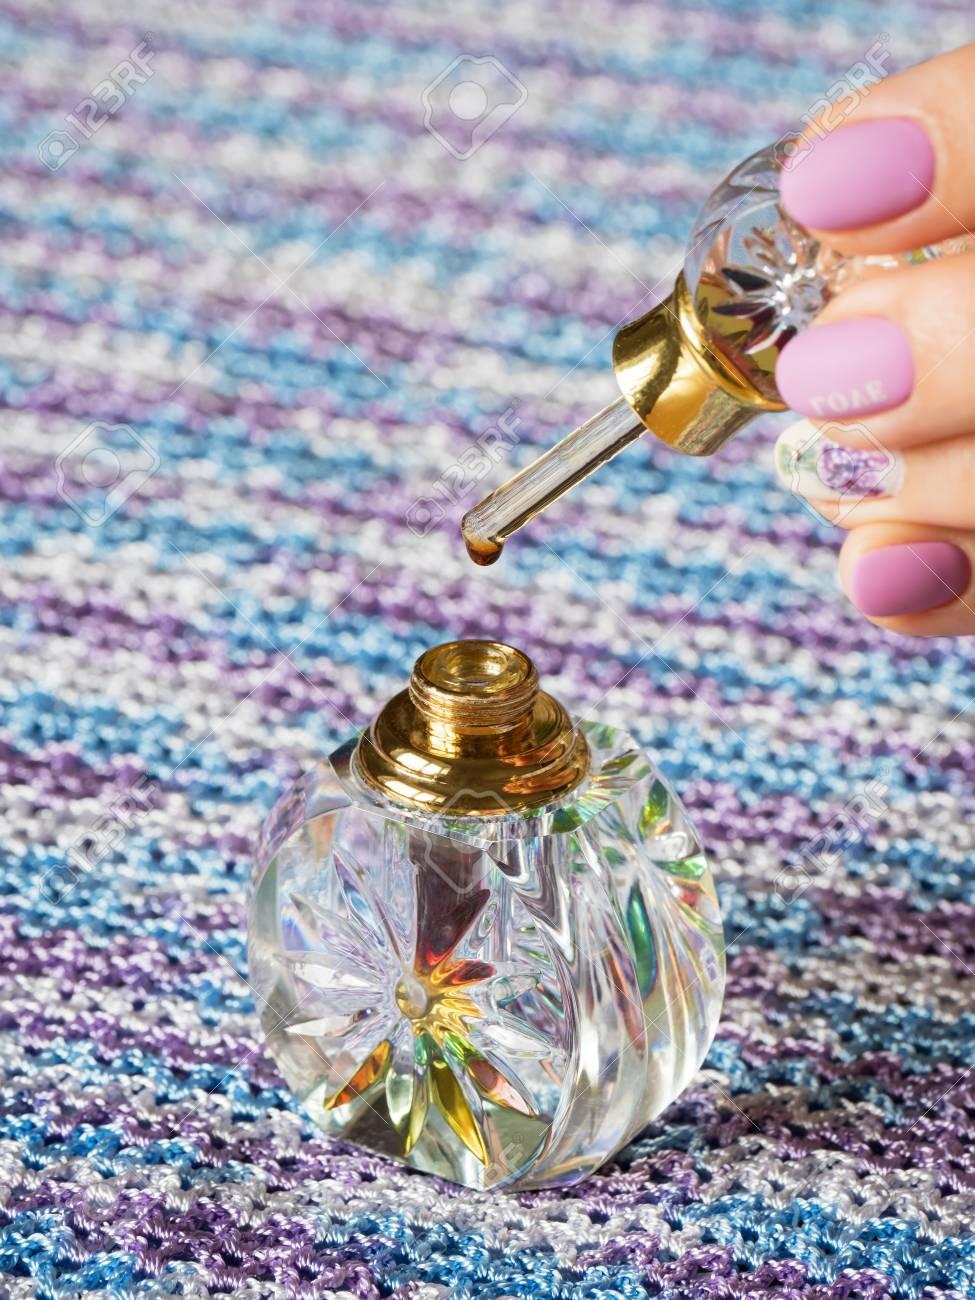 Arabian oud attar essential or agarwood oil fragrances in glass